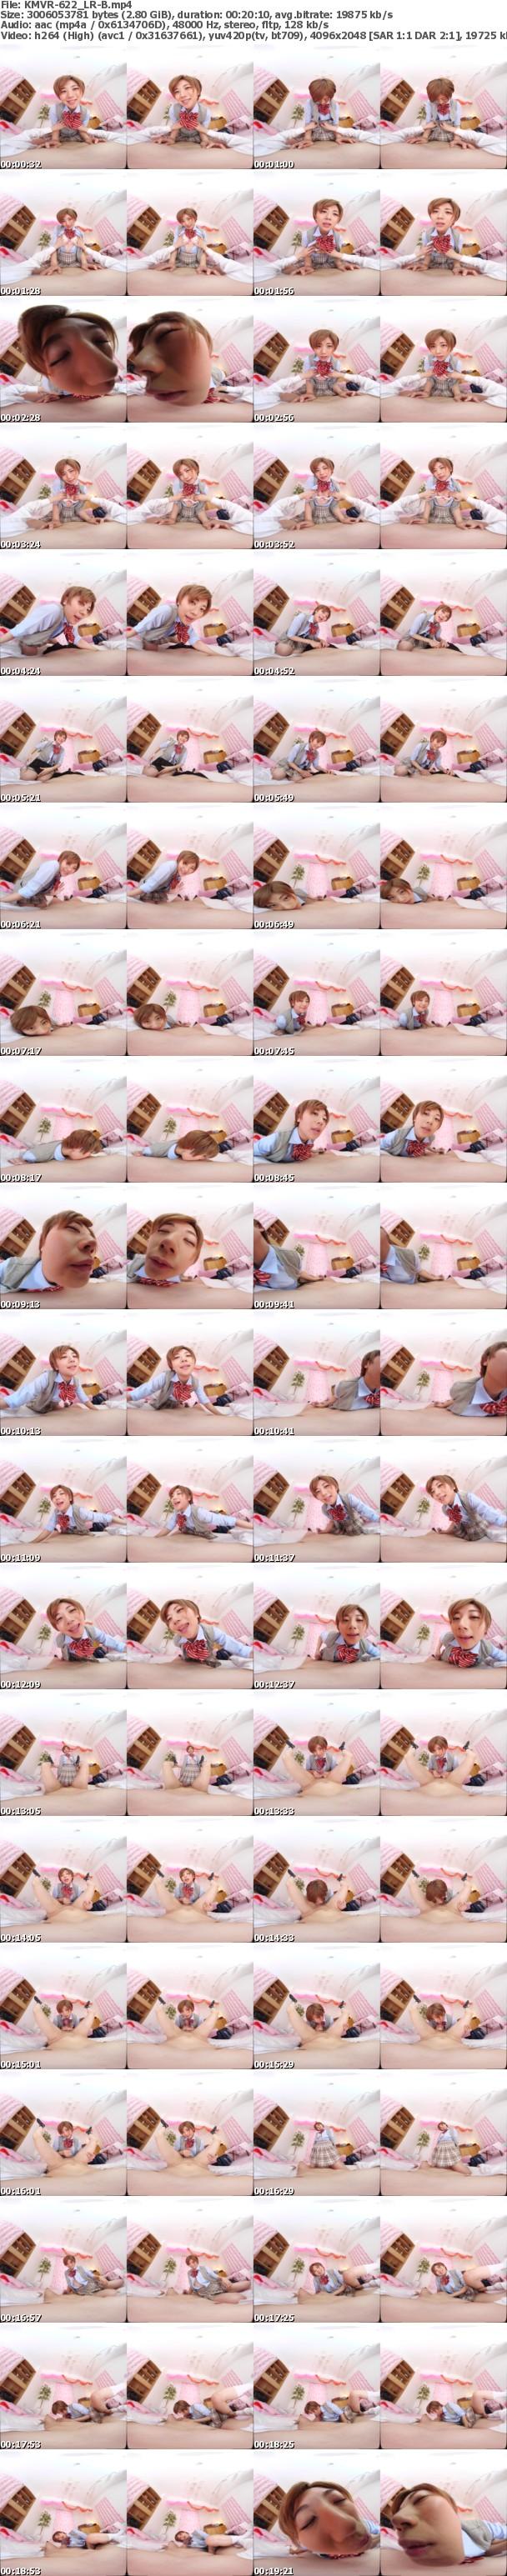 (VR) (LR) (KMVR-622)【寝て見るVR】女子校生添い寝風俗 囁きでご奉仕高密着中出し!! 茜はるか